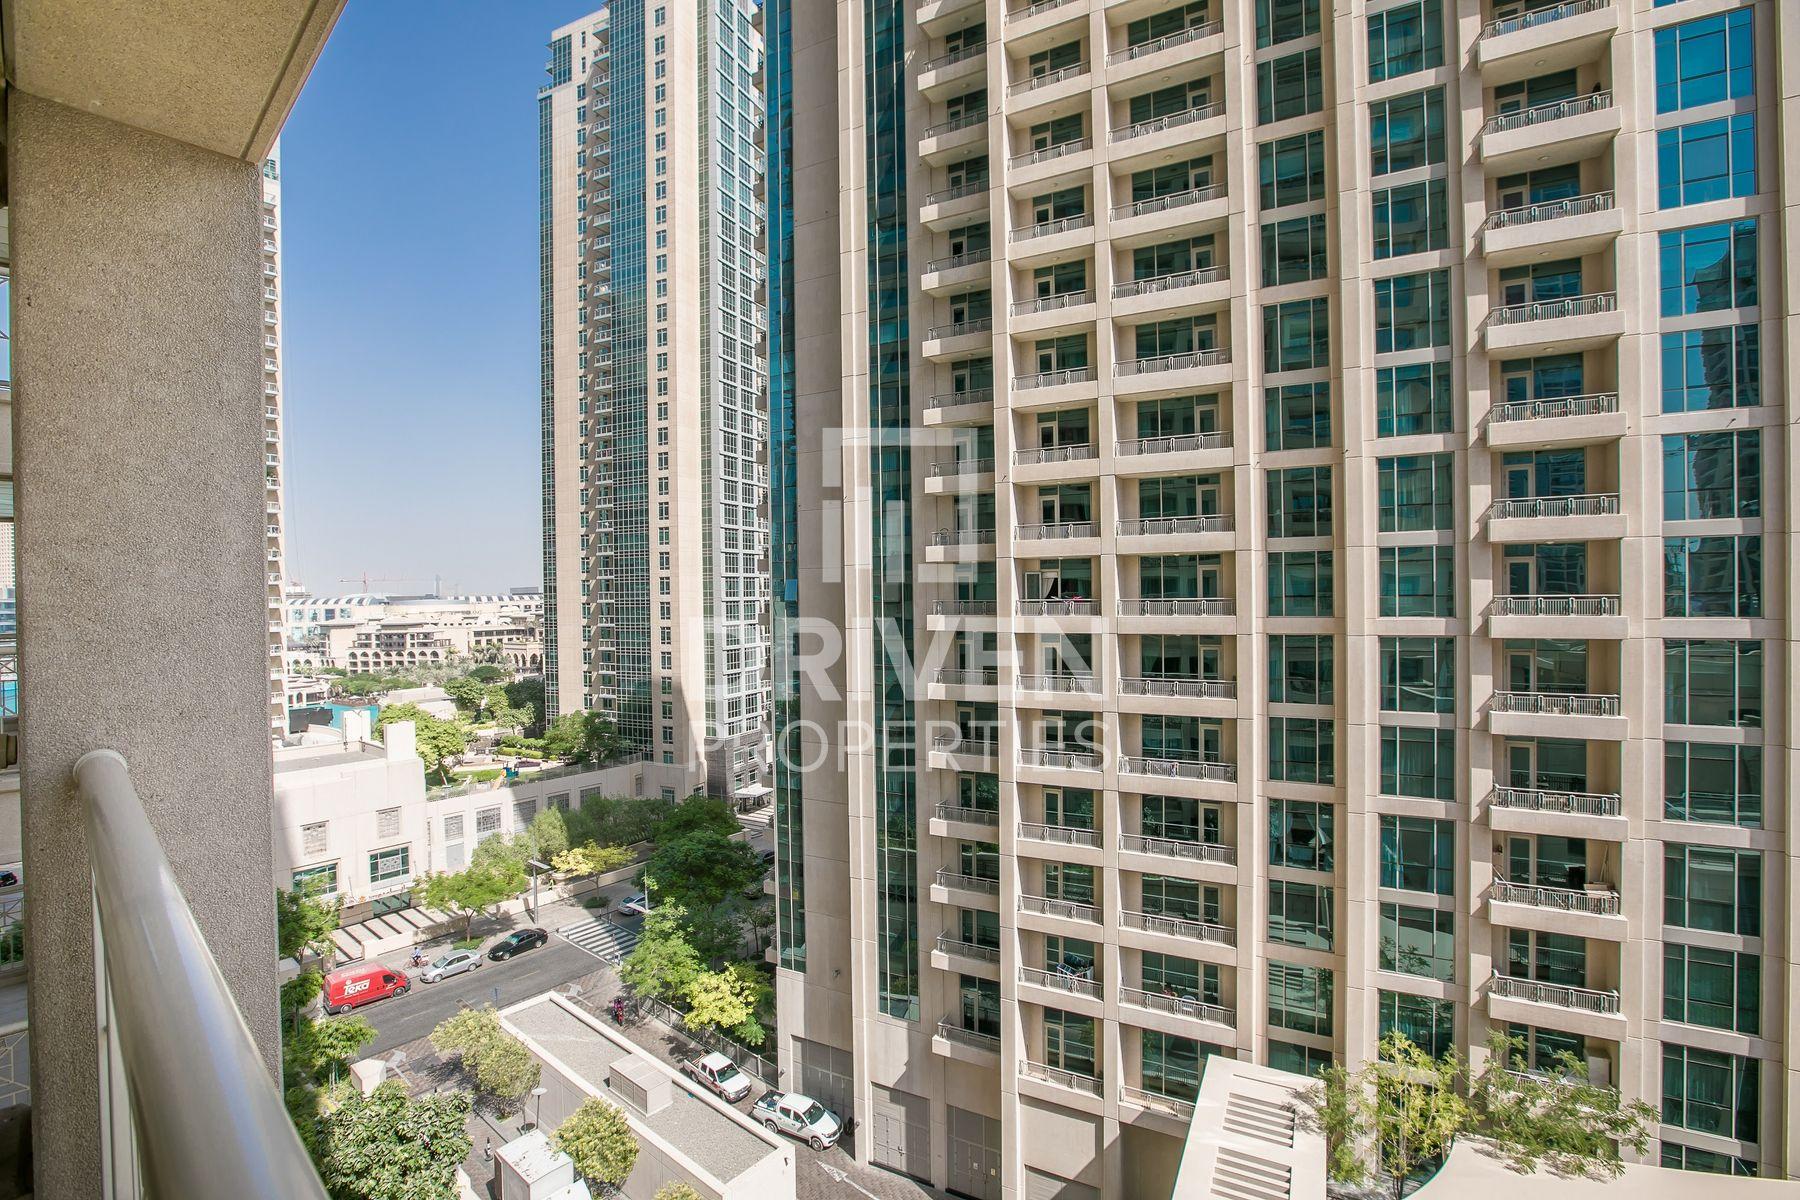 للبيع - شقة - 29 برج  بوليفارد - دبي وسط المدينة